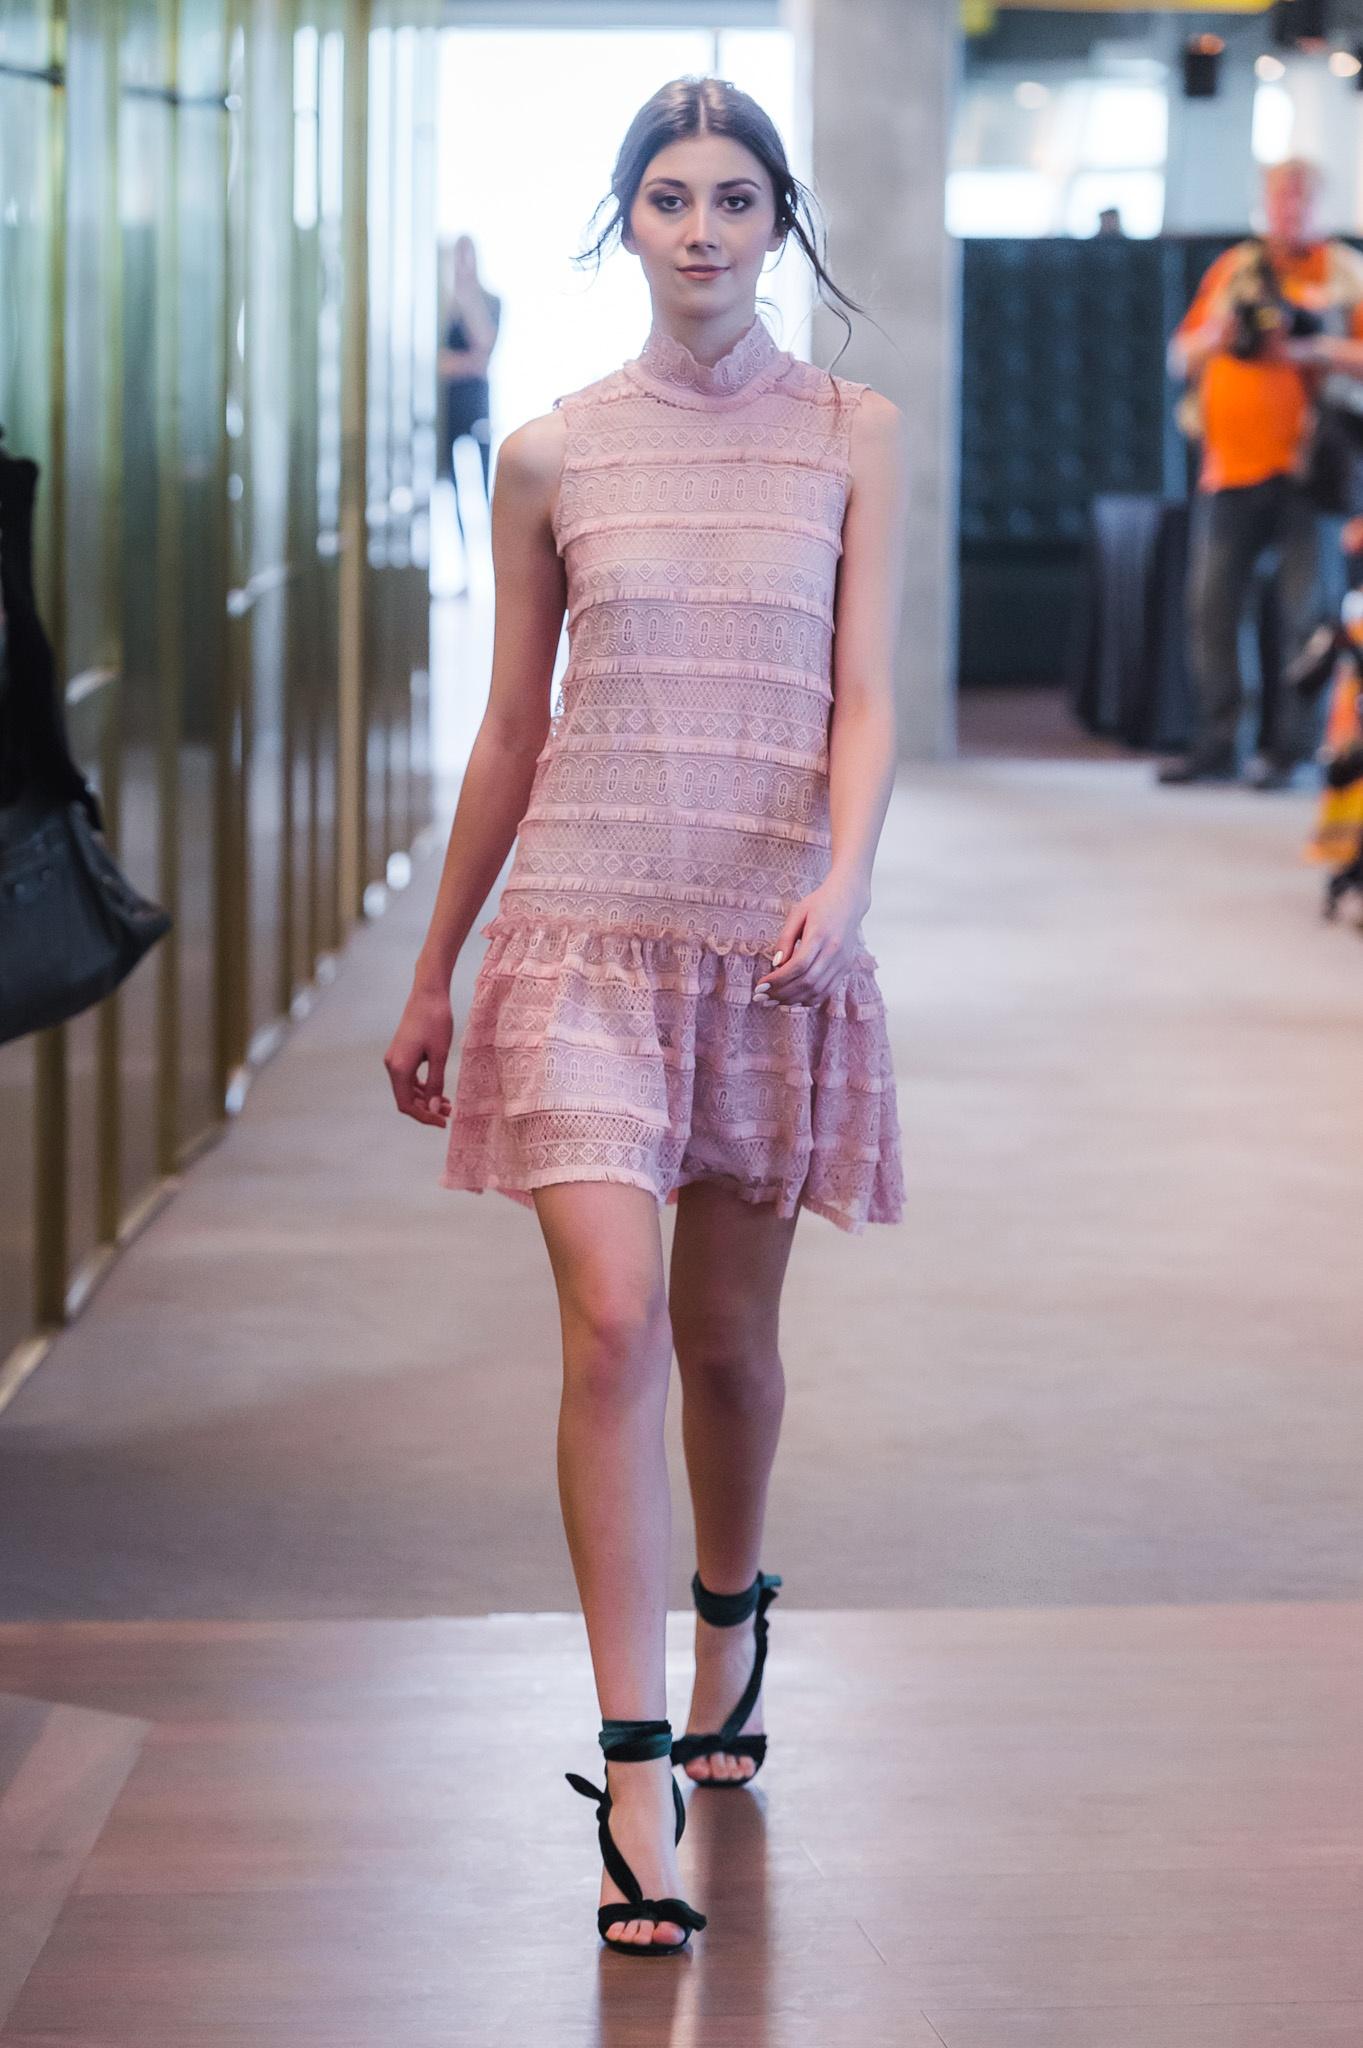 59_ZAQUAD110517_web_fotFilipOkopny_FashionImages